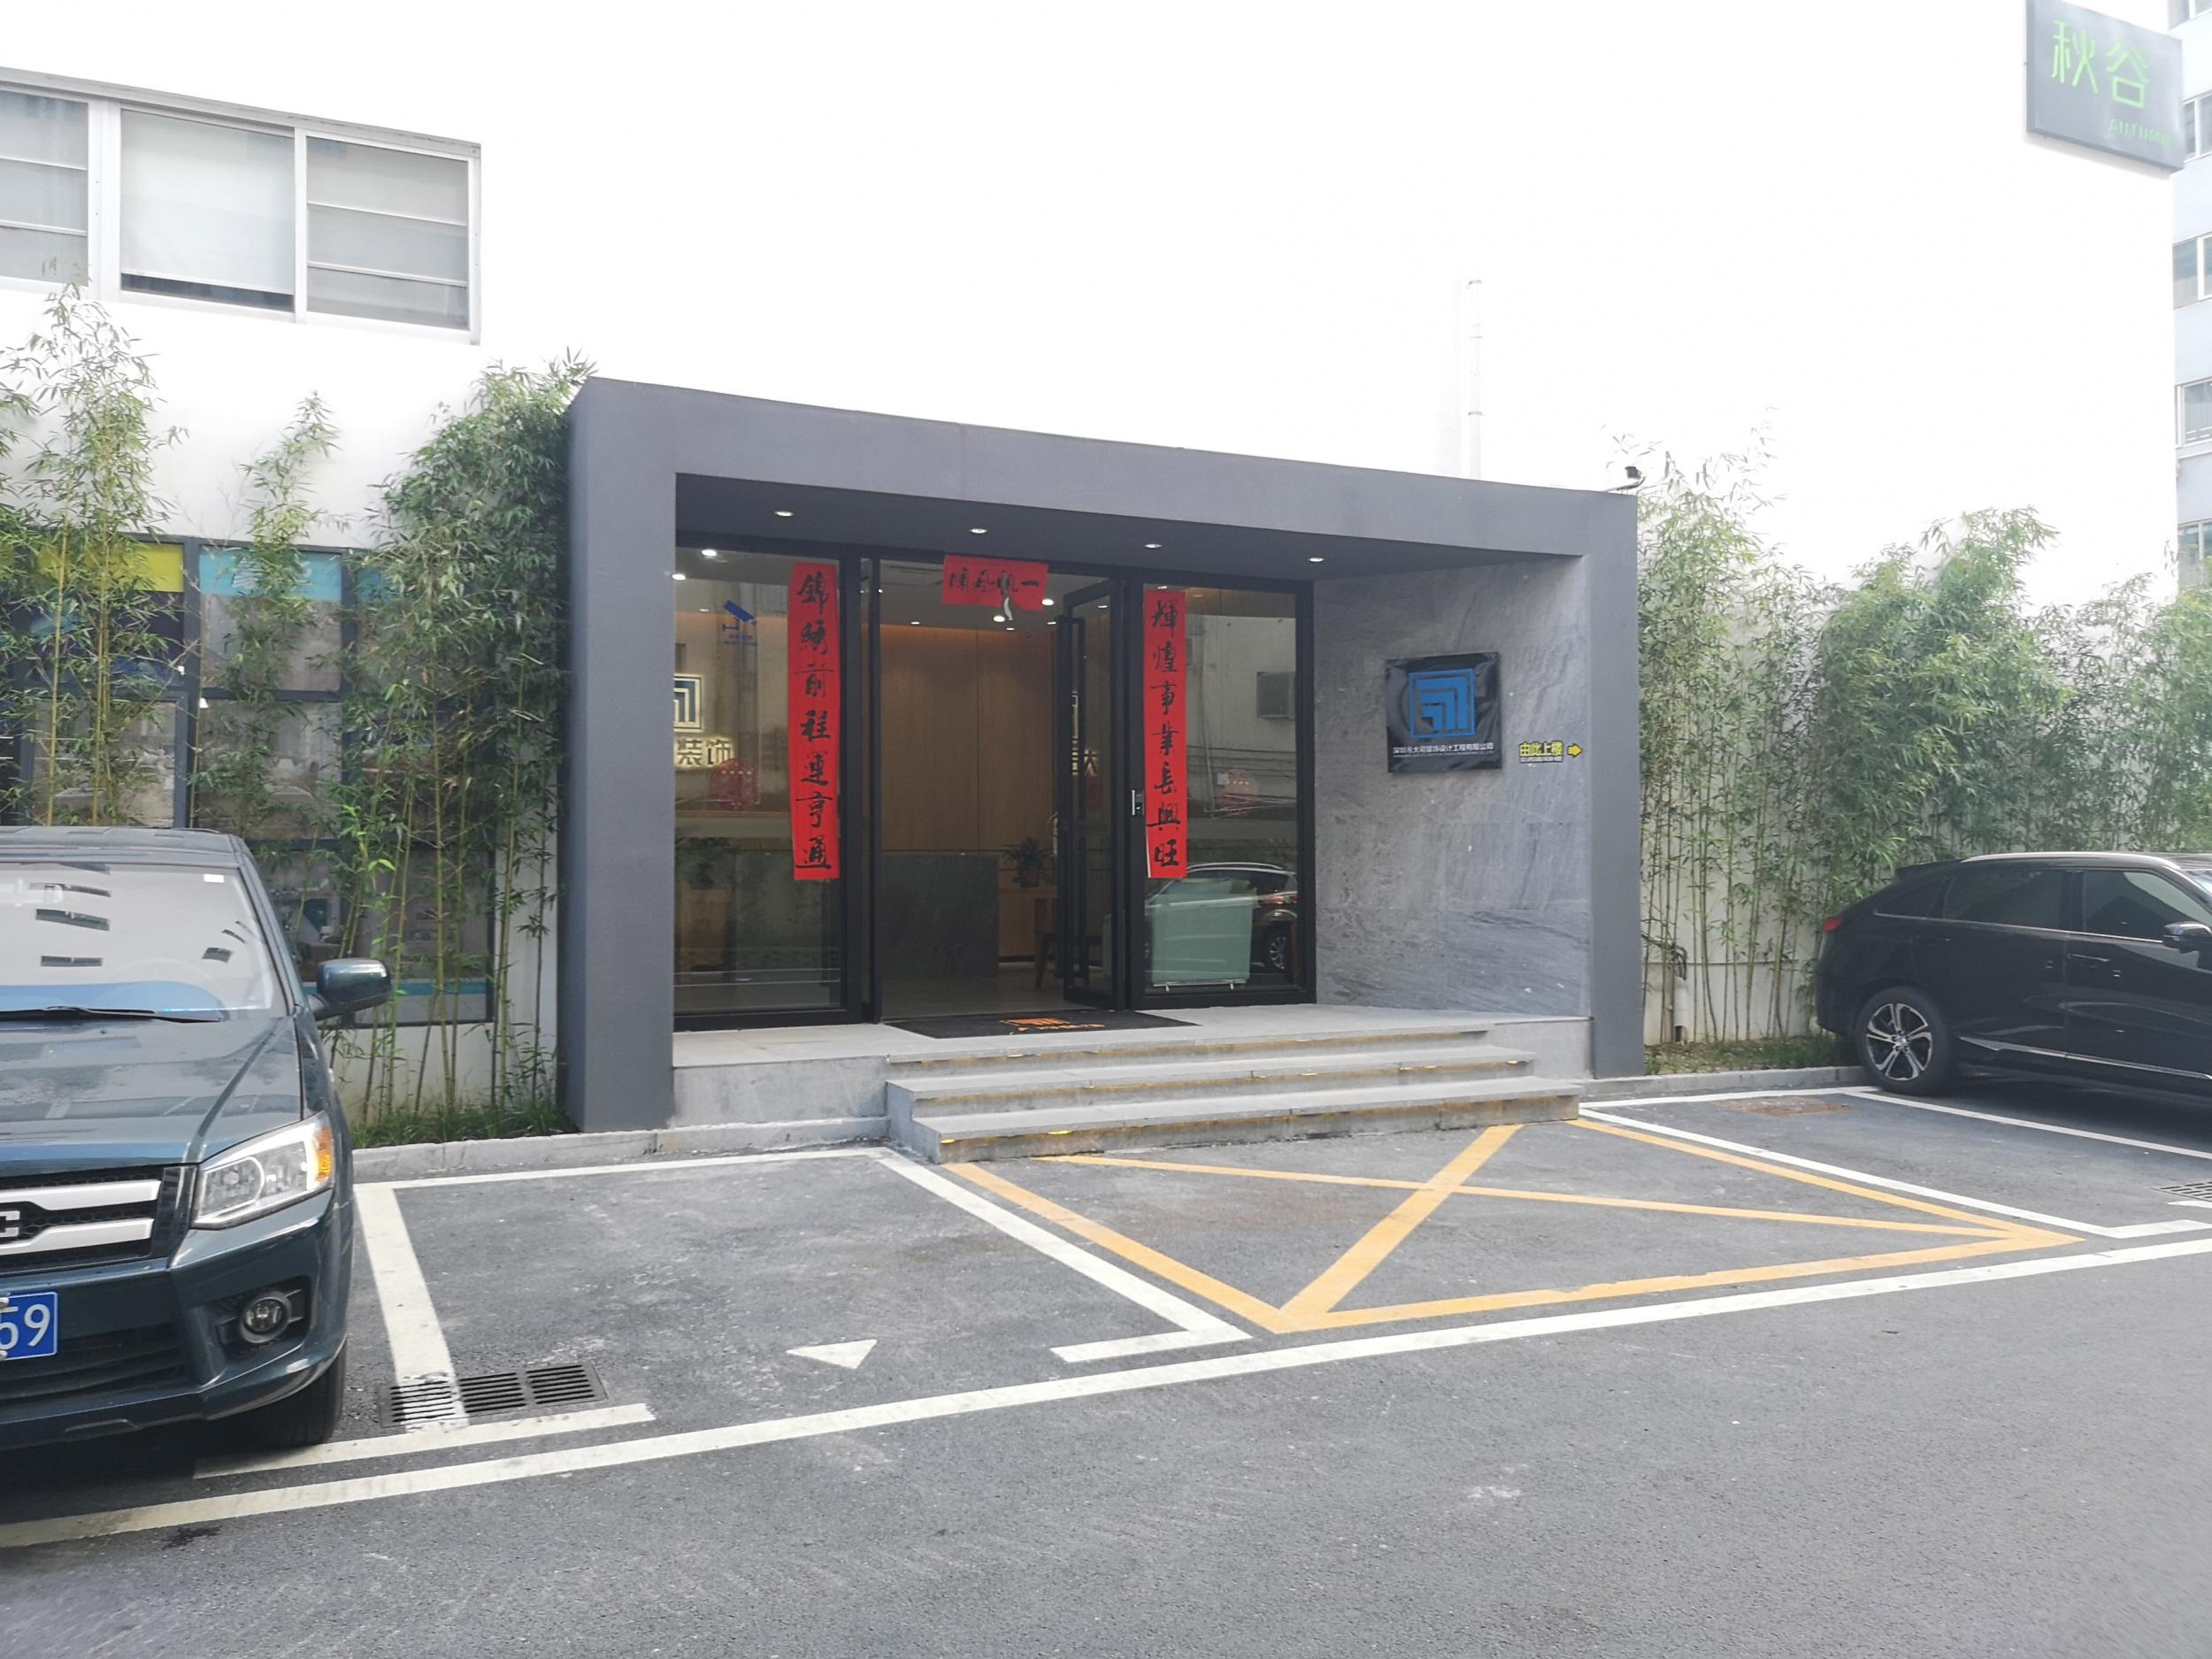 深圳大司装饰设计工程有限公司新总部环境一览